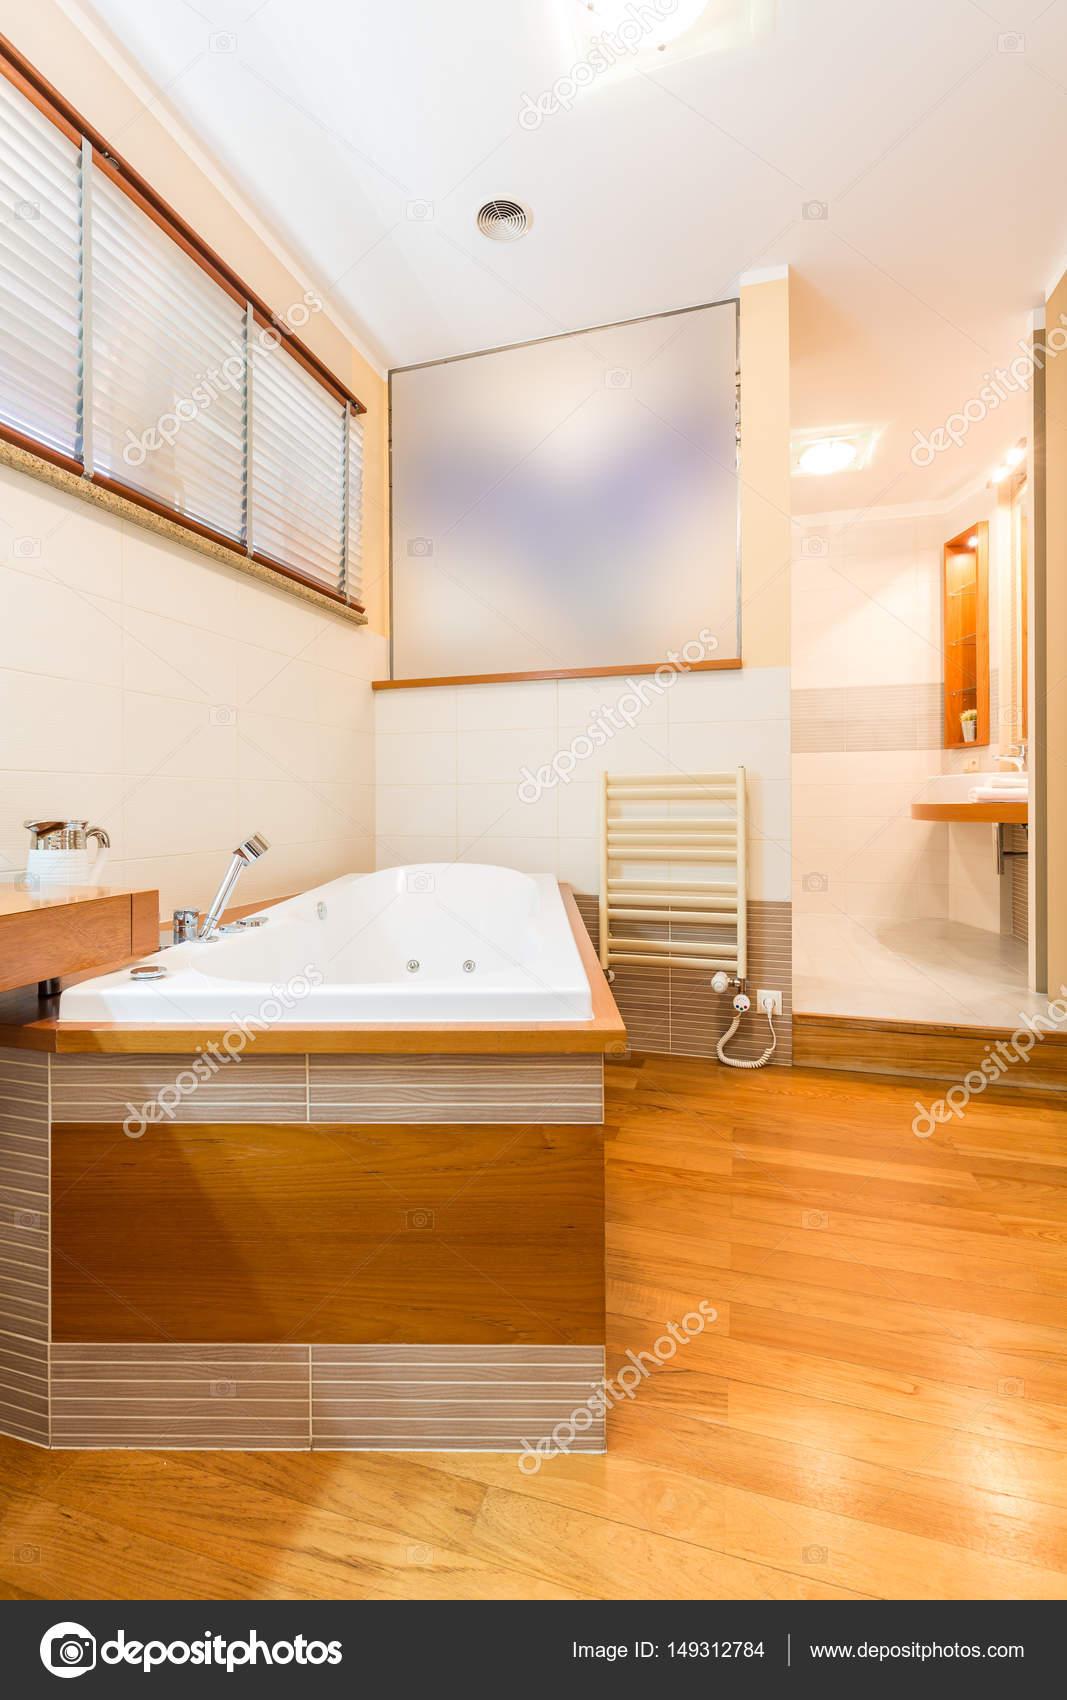 Salle de bain fonctionnelle avec une grande baignoire — Photographie ...